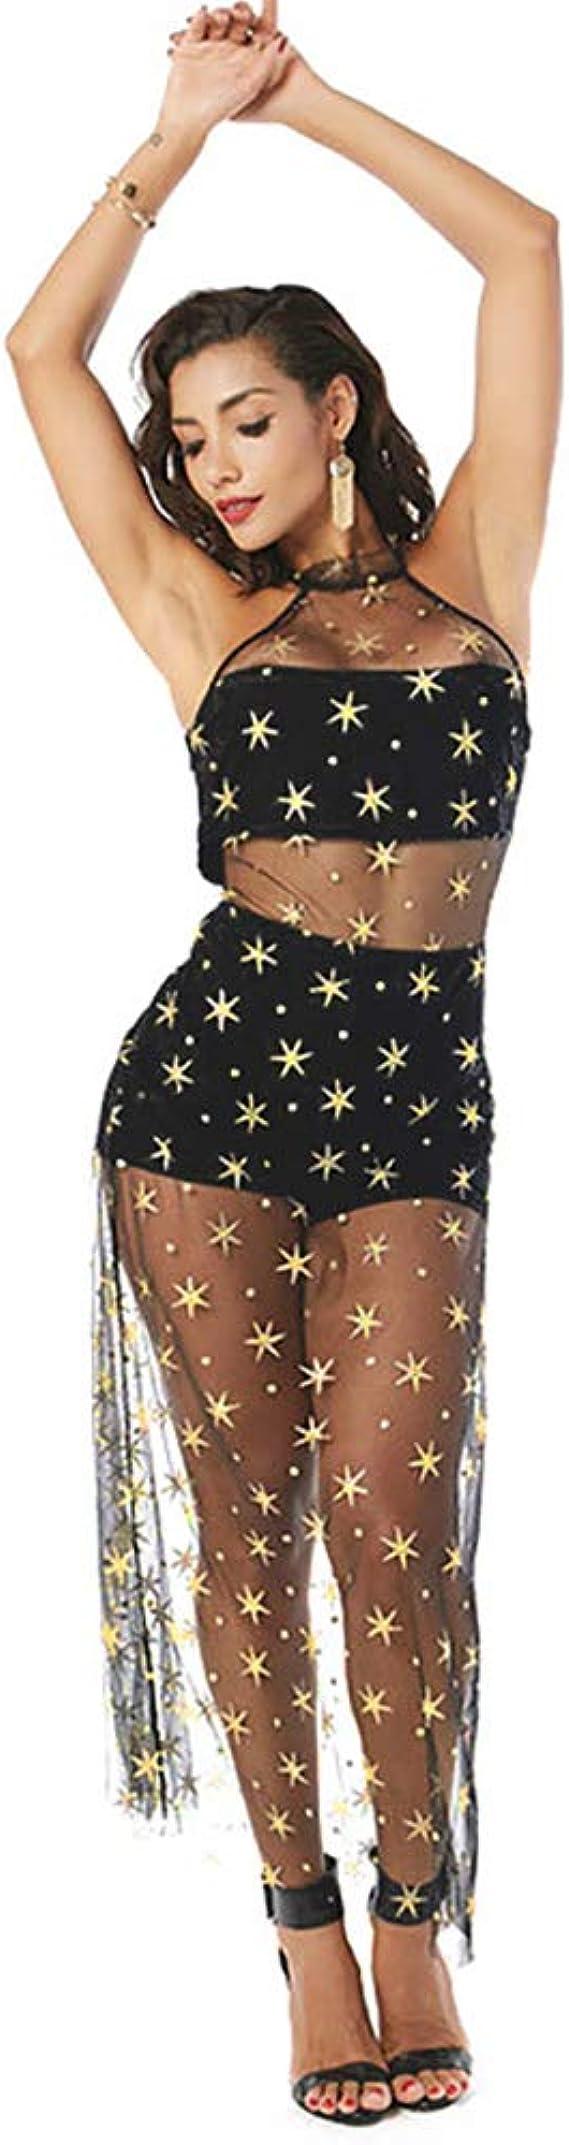 Vestido de Playa de Verano de Encaje Transparente Transparente con ...